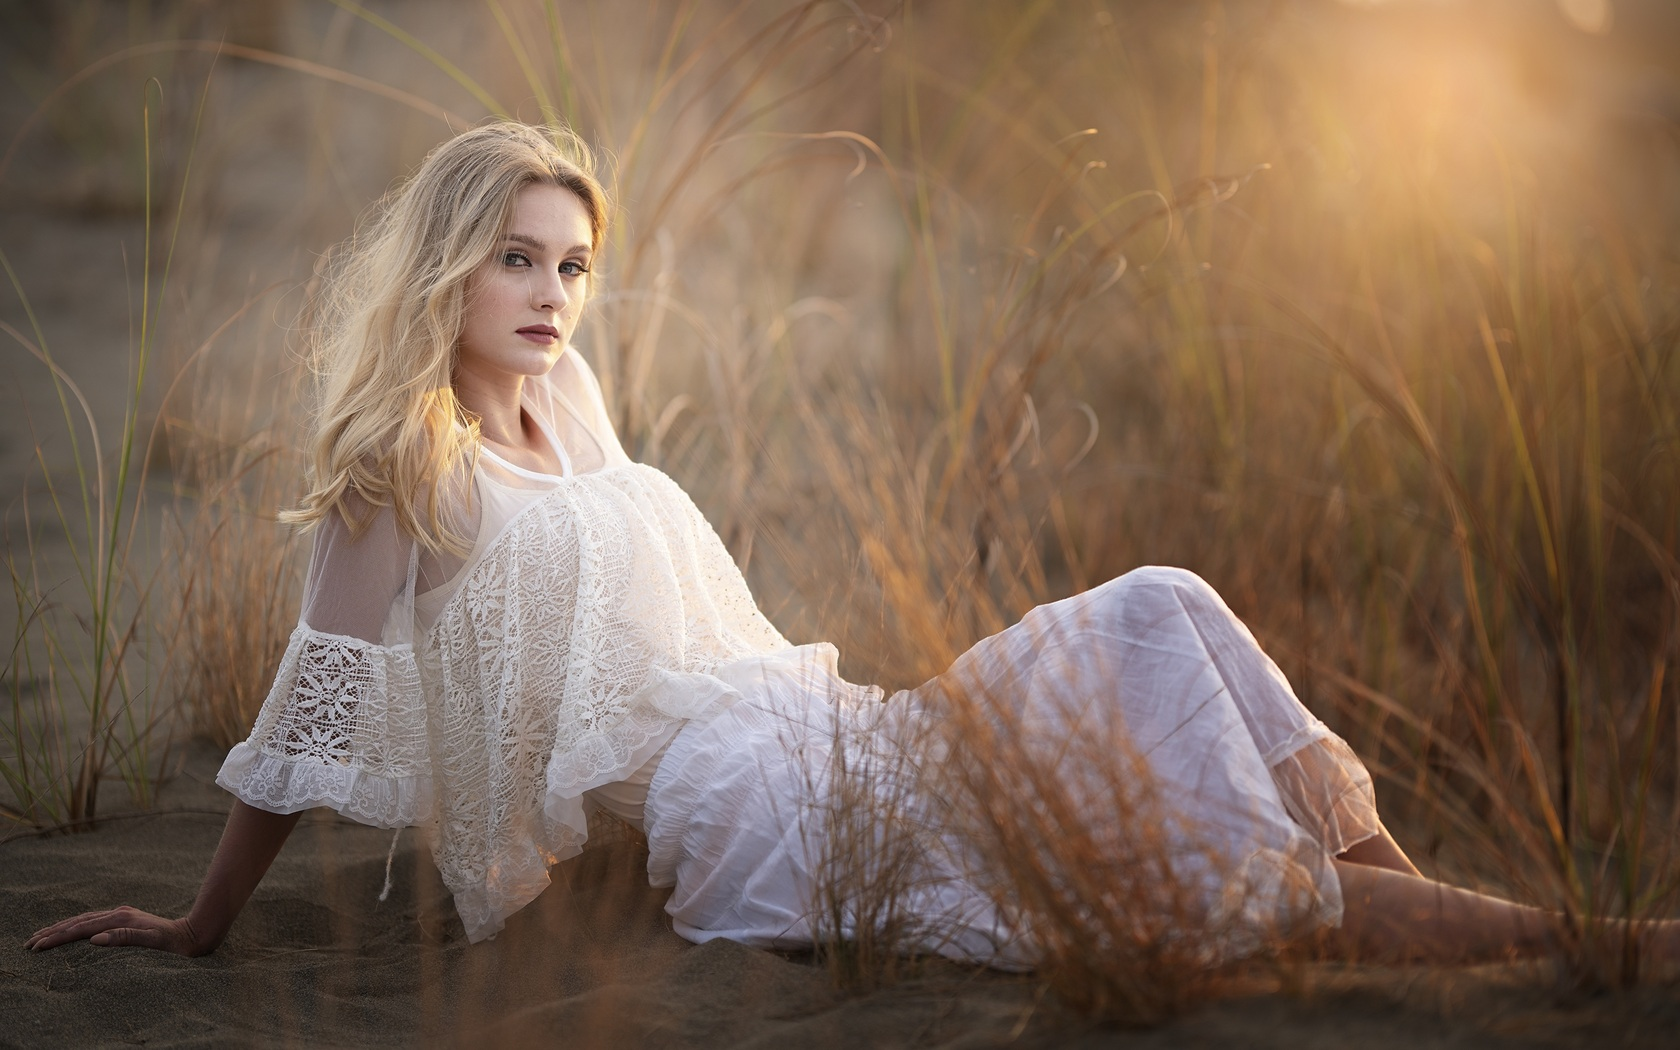 blonde-girl-sitting-white-dress-4k-ga.jpg